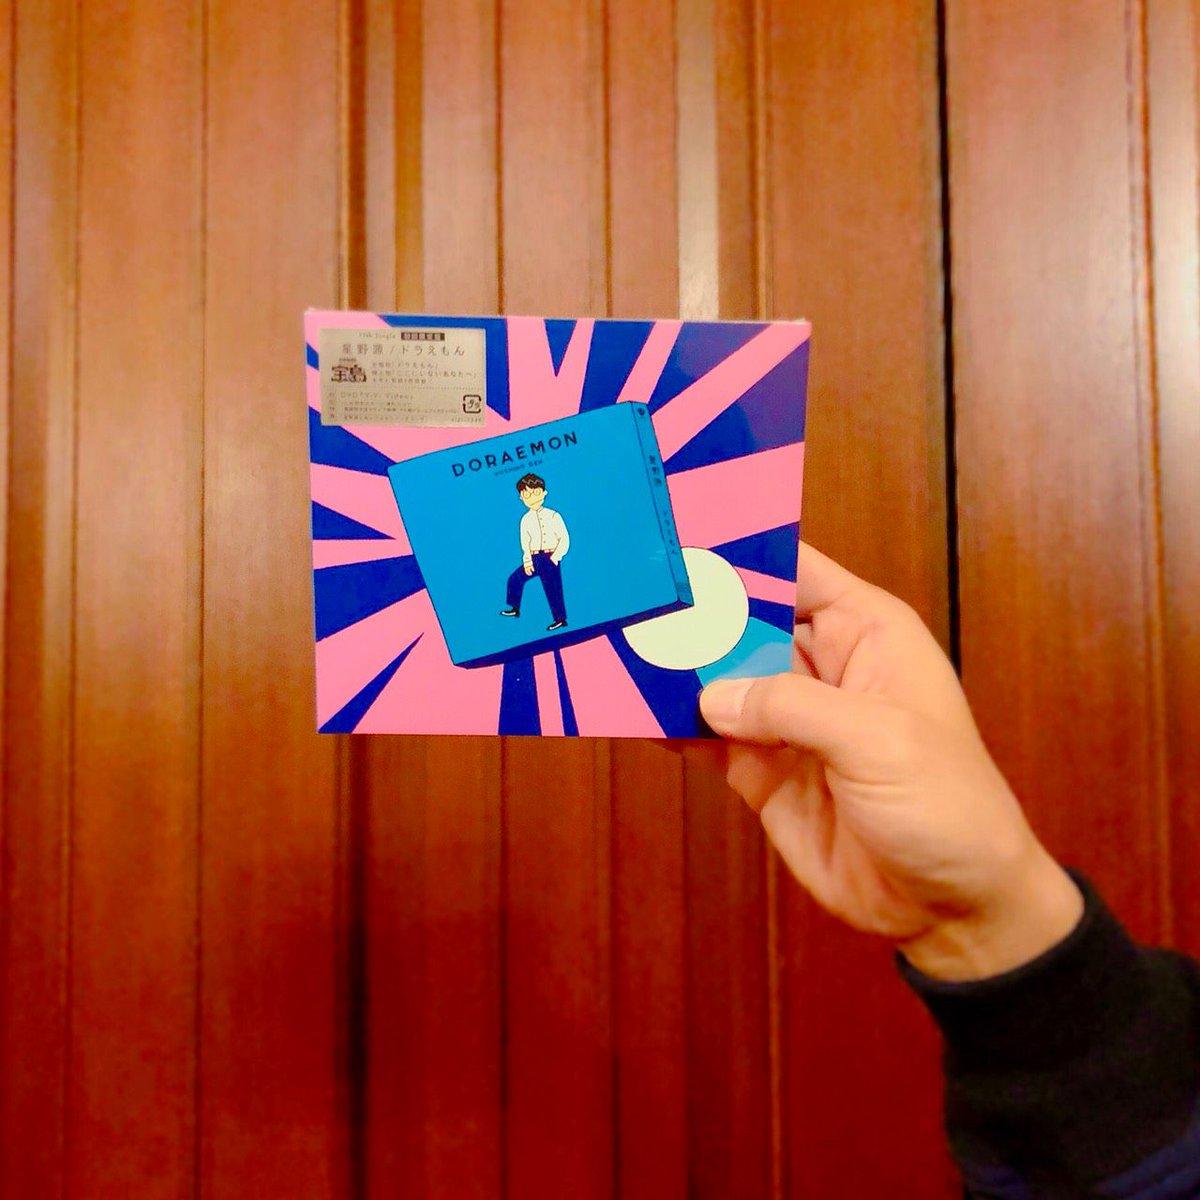 【ついに本日フラゲ日!】星野源の最新シングル『ドラえもん』ついに本日から購入可能になりました!目印は、このイラストのジャケットです! #星野源のドラえもん をつけて、是非感想をつぶやいて下さいね!頂いた感想は後日星野さんにまとめてお渡しします!buff.ly/2ovLt20